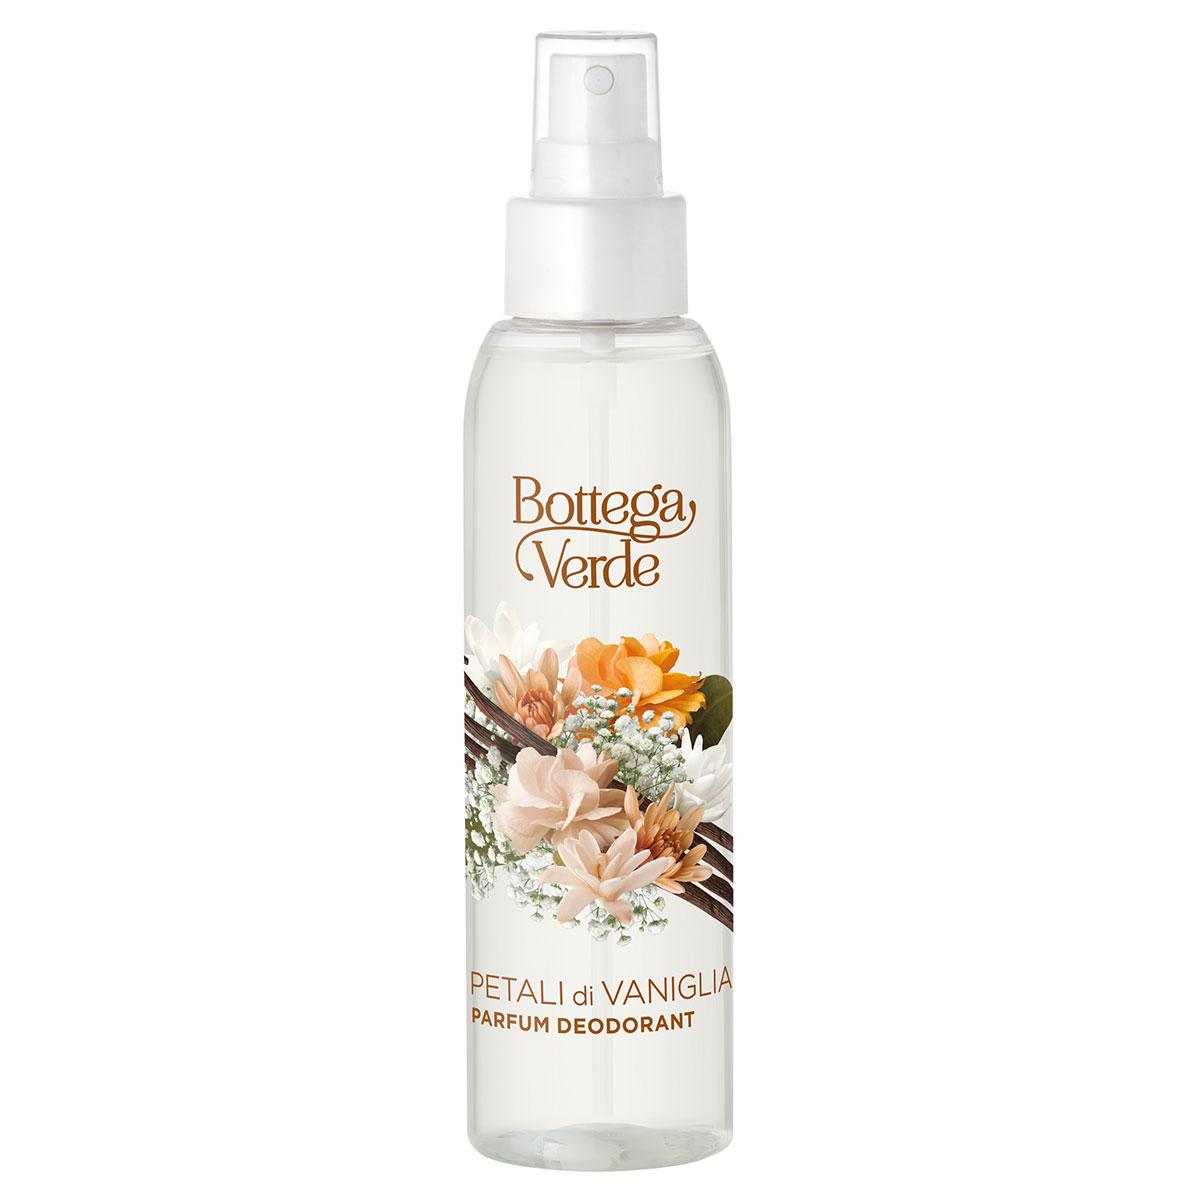 Parfum deodorant cu aroma de vanilie - Petali di Vaniglia, 125 ML